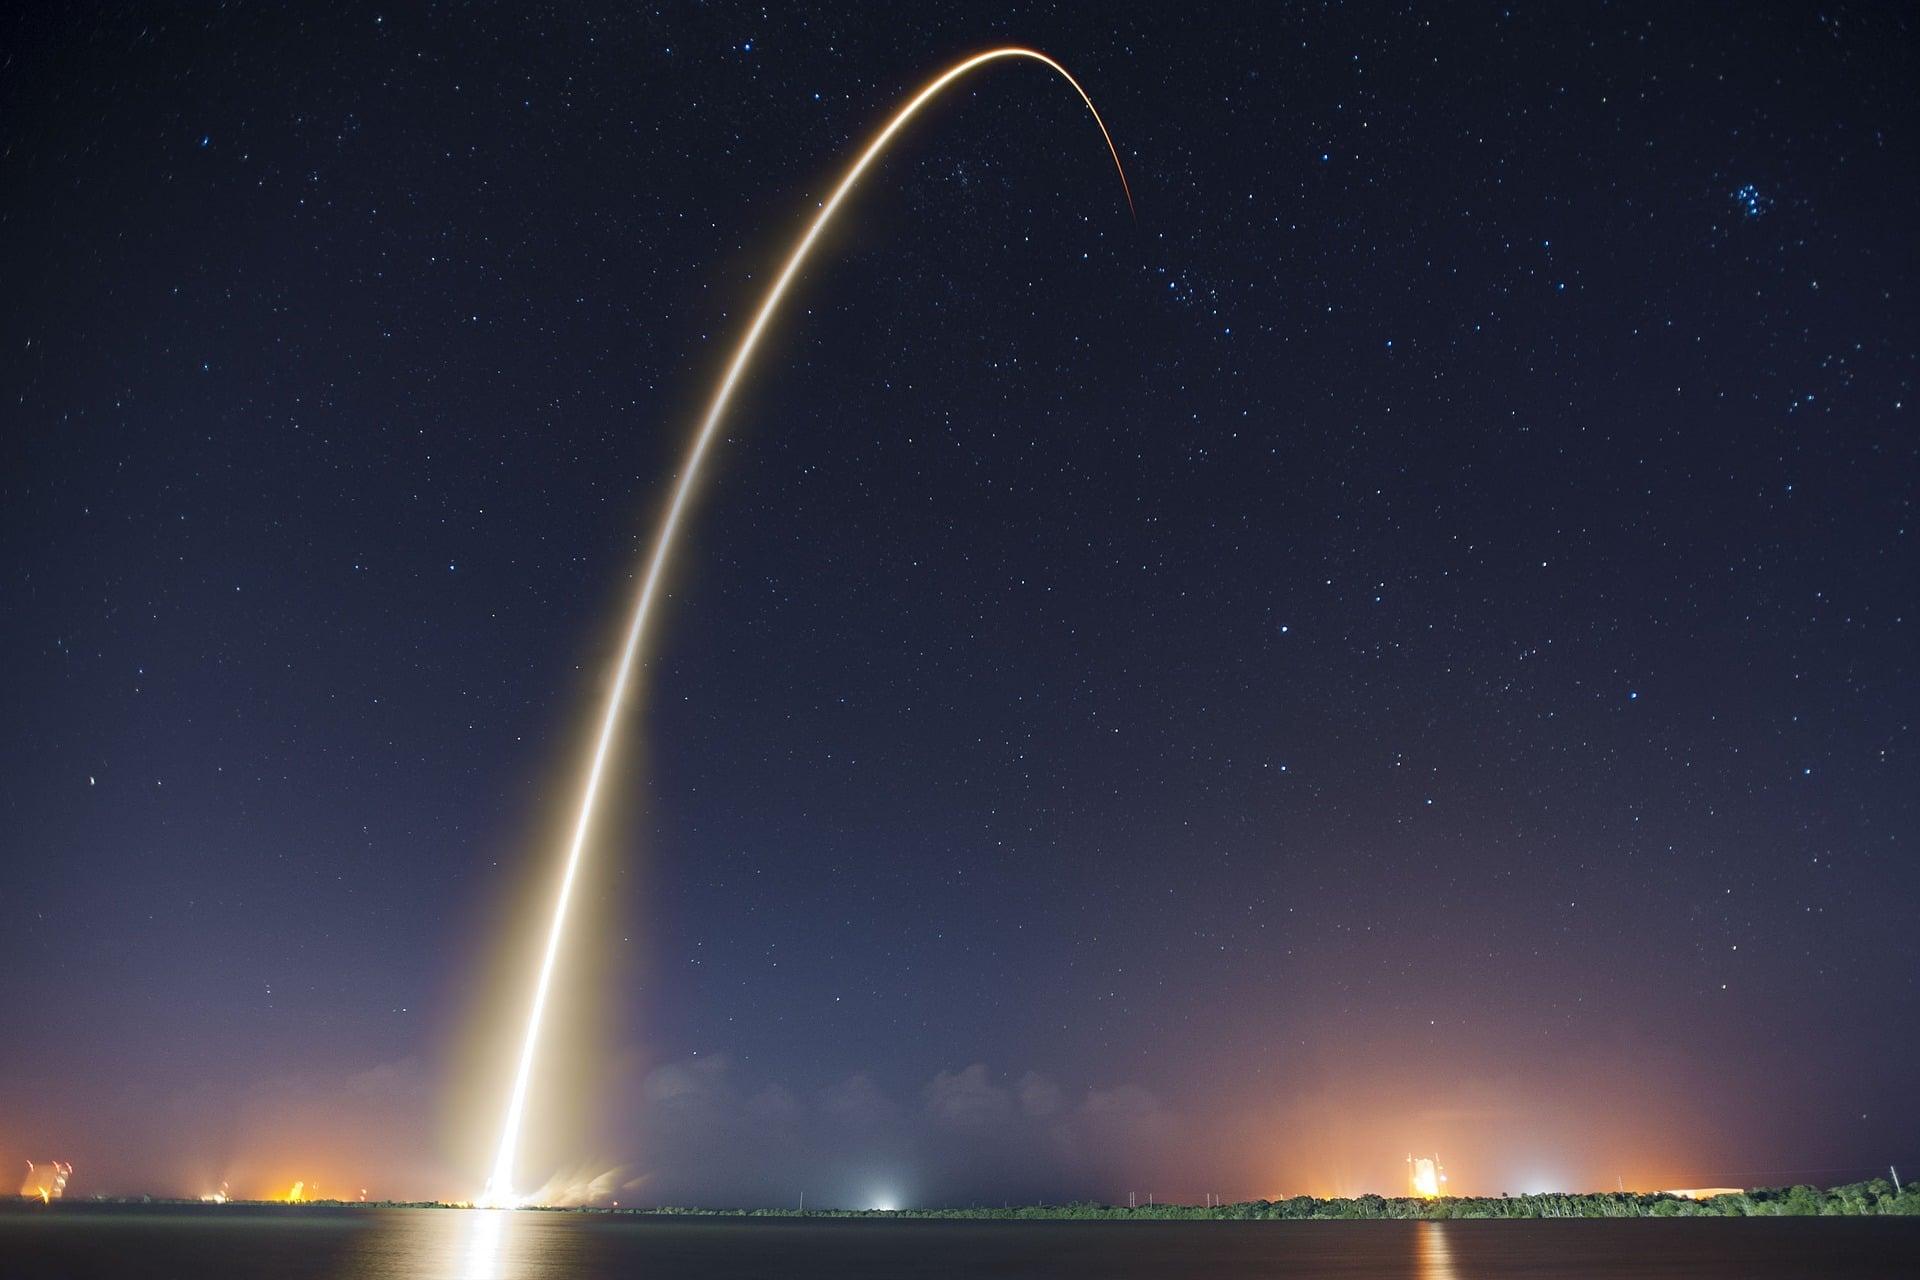 Cliente disparado como un cohete espacial despegando. Coaching para la innovación.